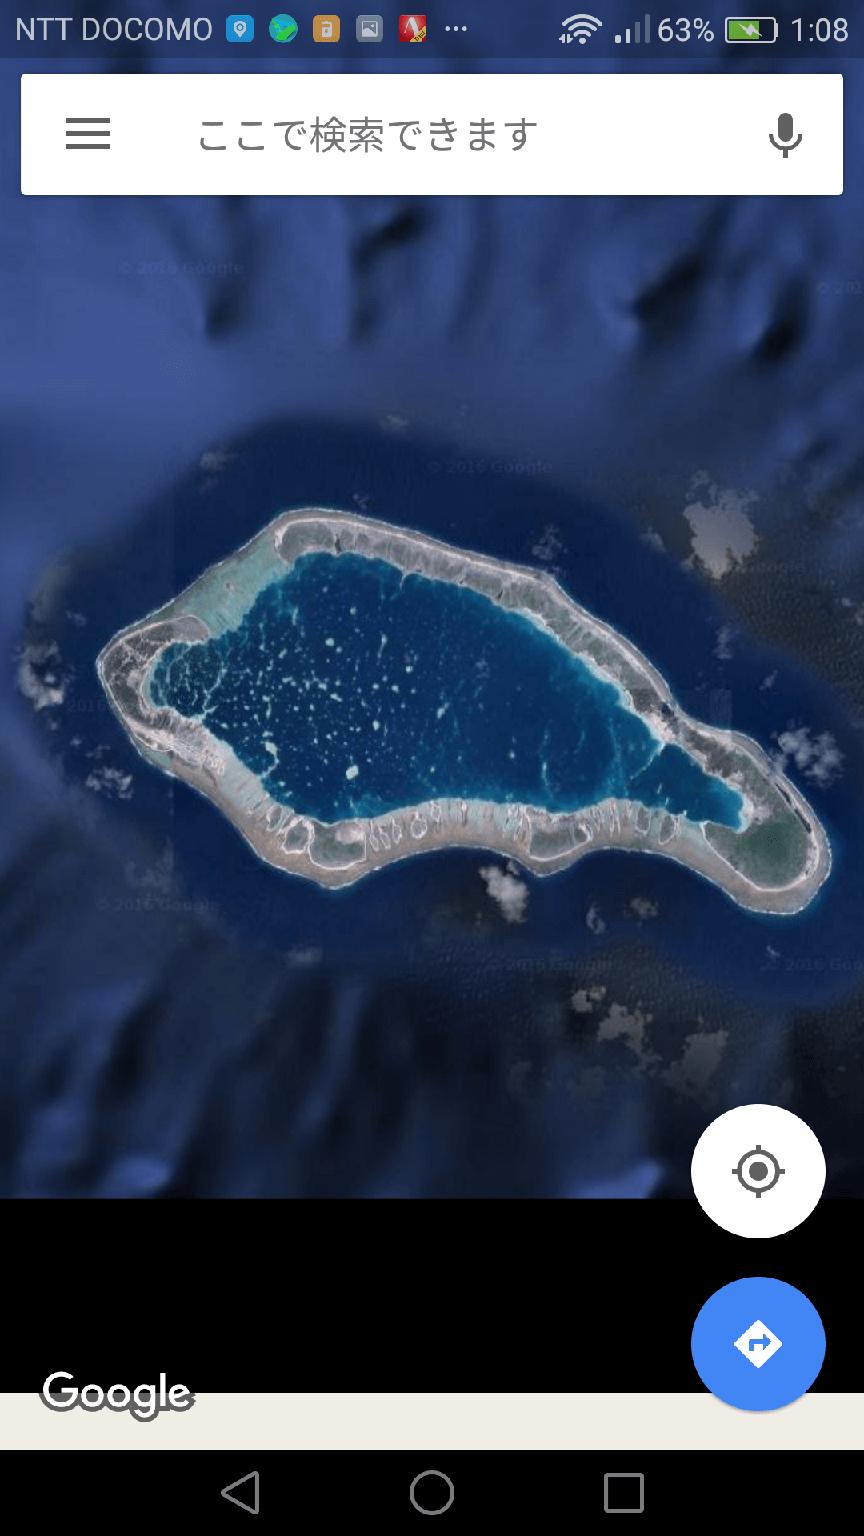 [マップ]で地図を表示した画面